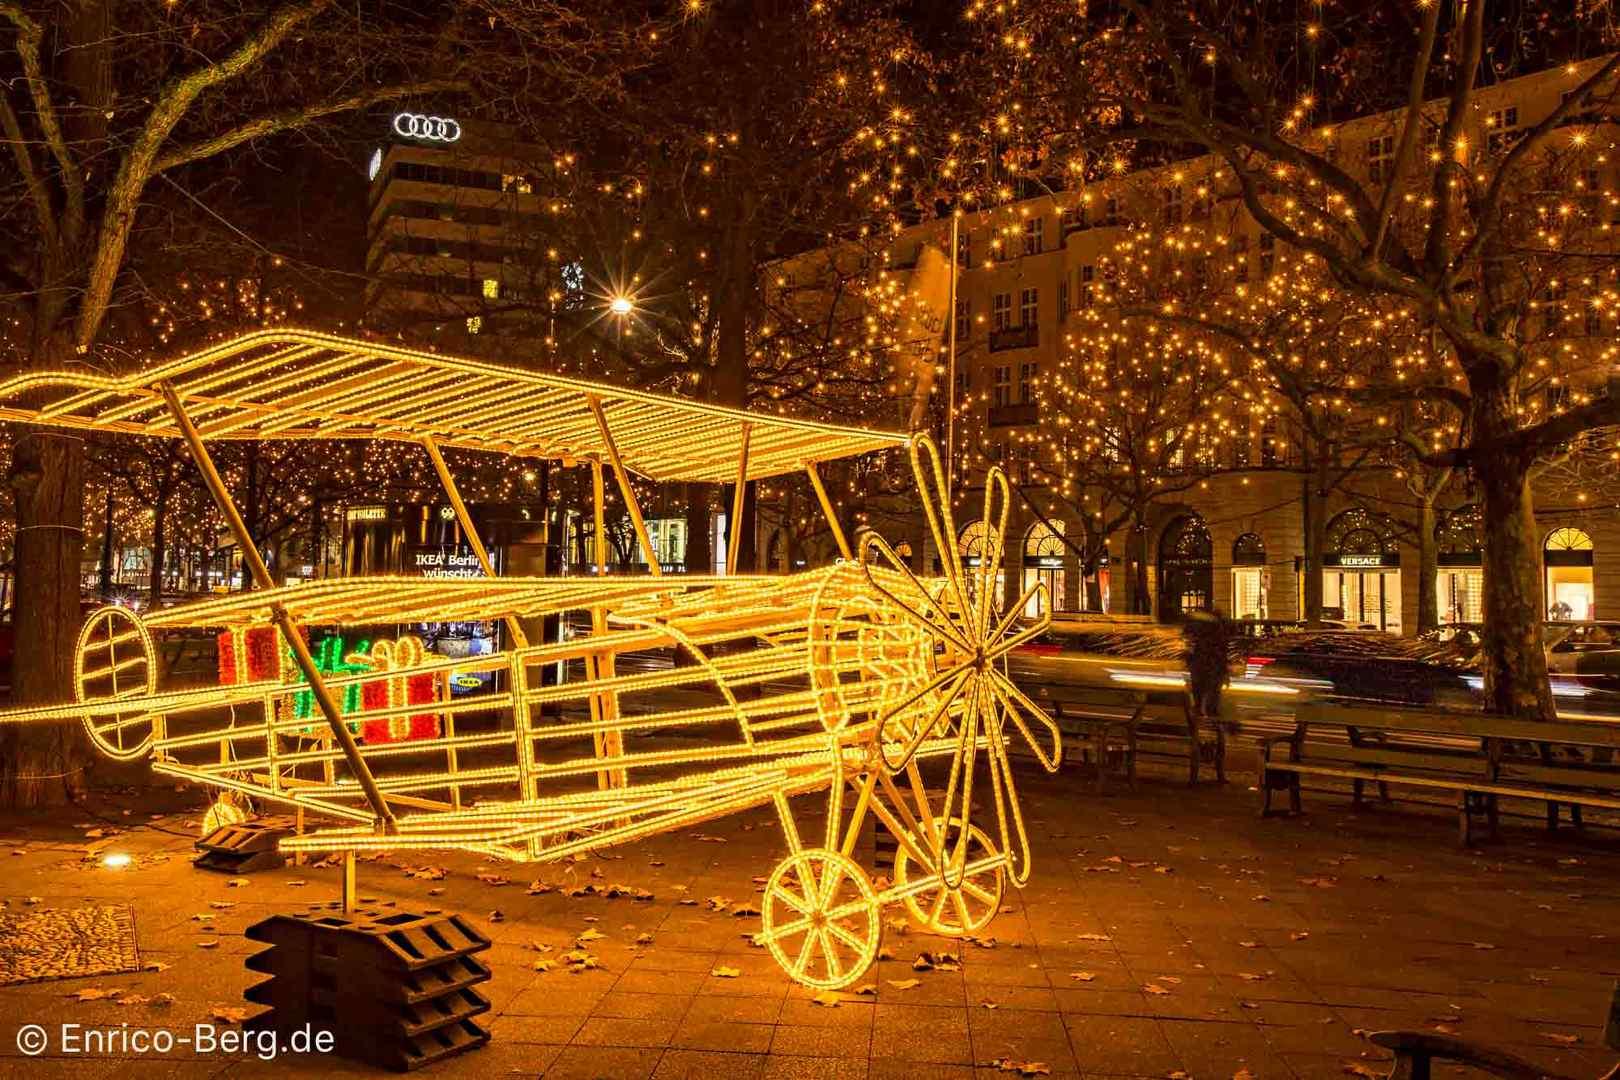 weihnachtsbeleuchtung berlin ku 39 damm foto bild weihnachten shopping dezember bilder auf. Black Bedroom Furniture Sets. Home Design Ideas